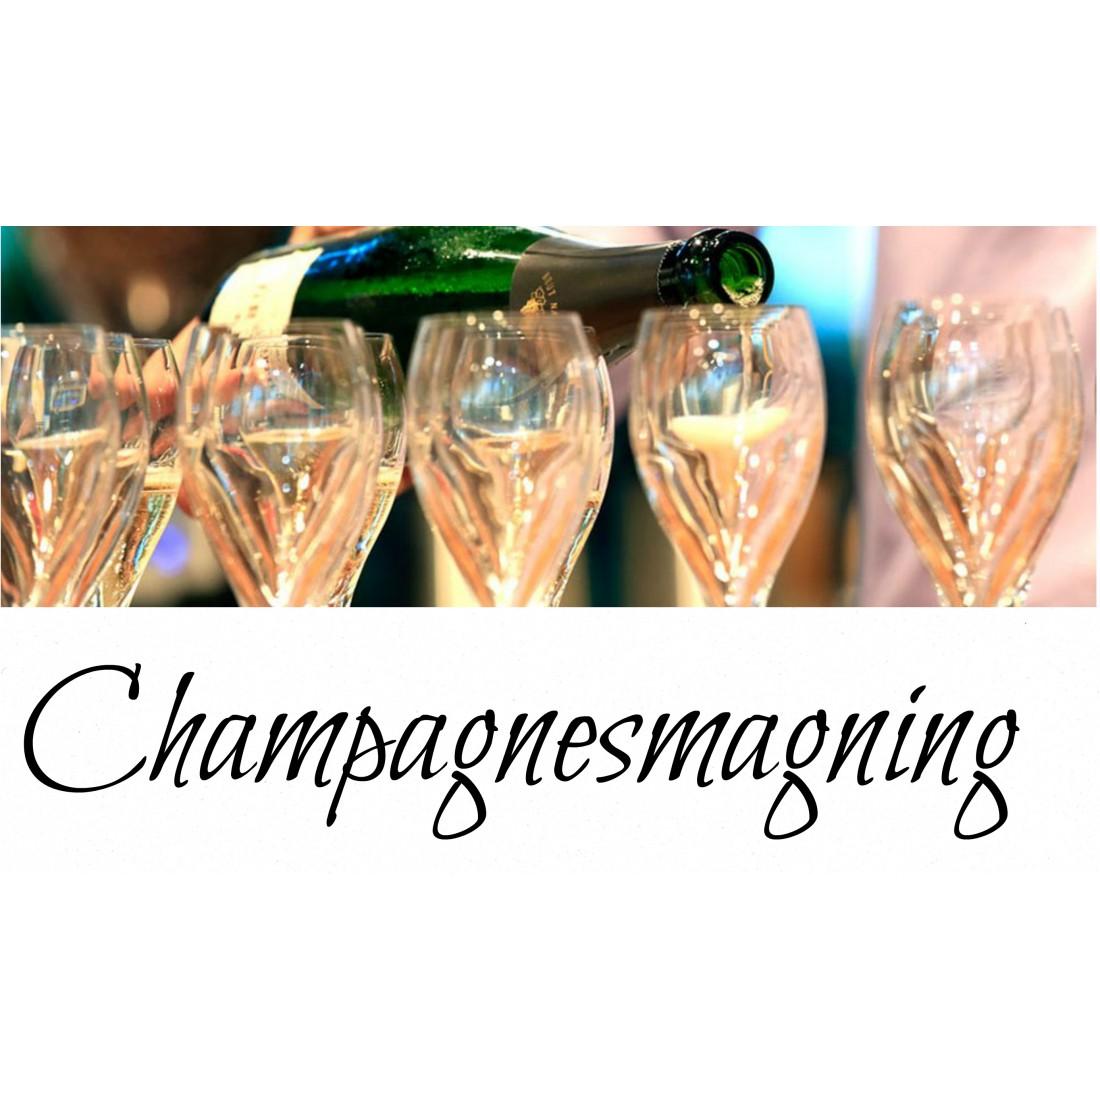 Bruno Paillard smagning lørdag den 21 september kl. 19.00 I Champagnekælderen-31